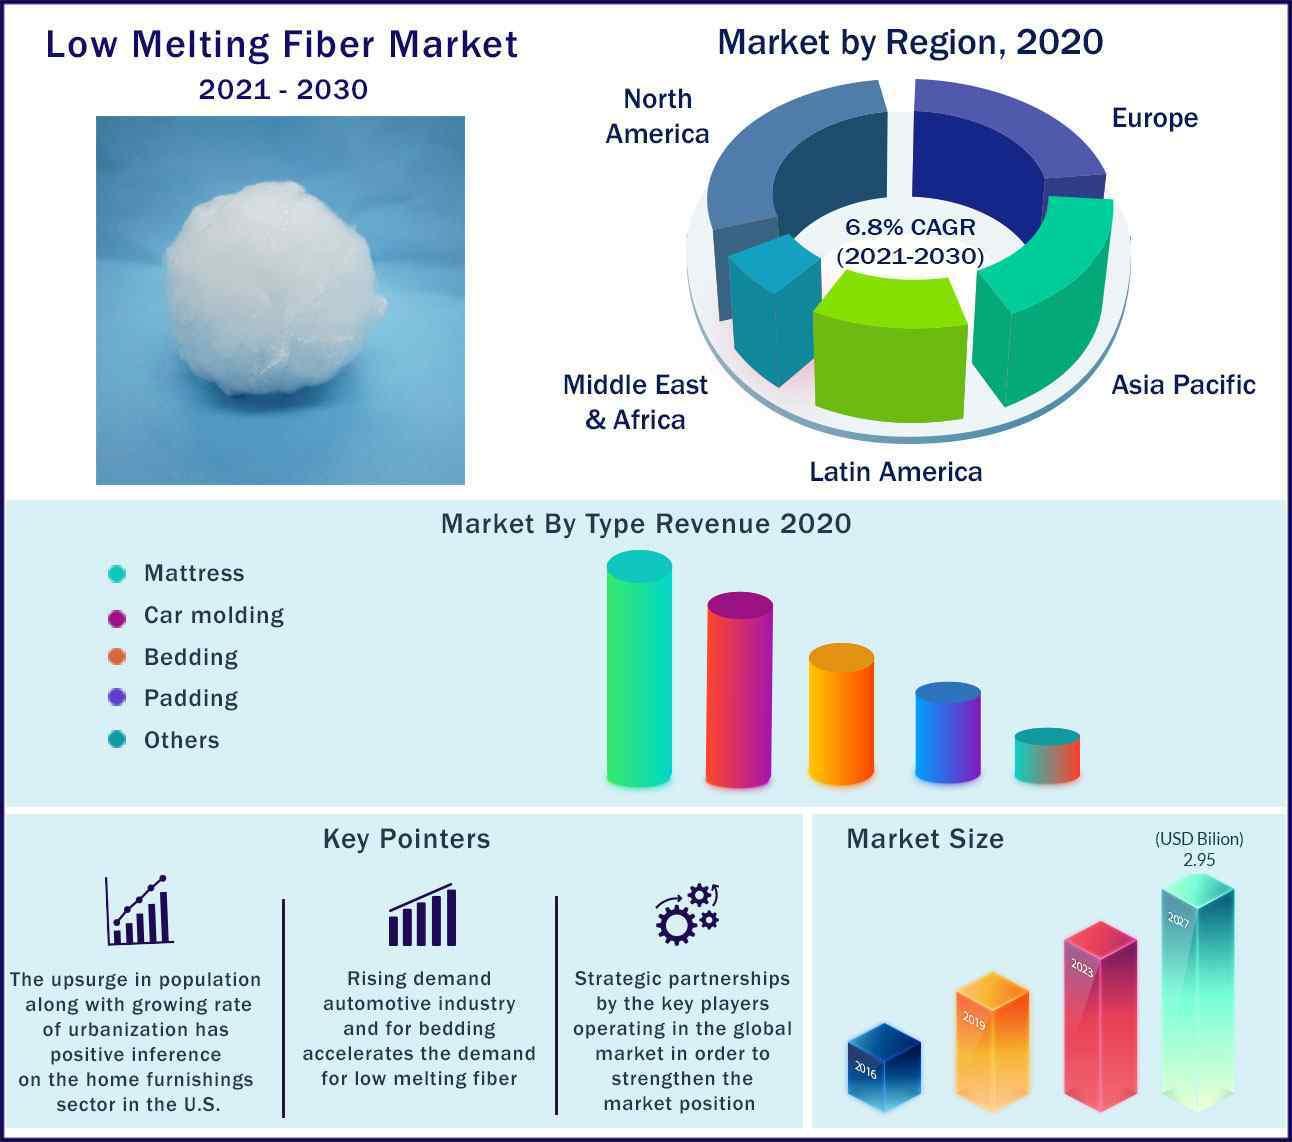 Global Low Melting Fiber Market 2021-2030